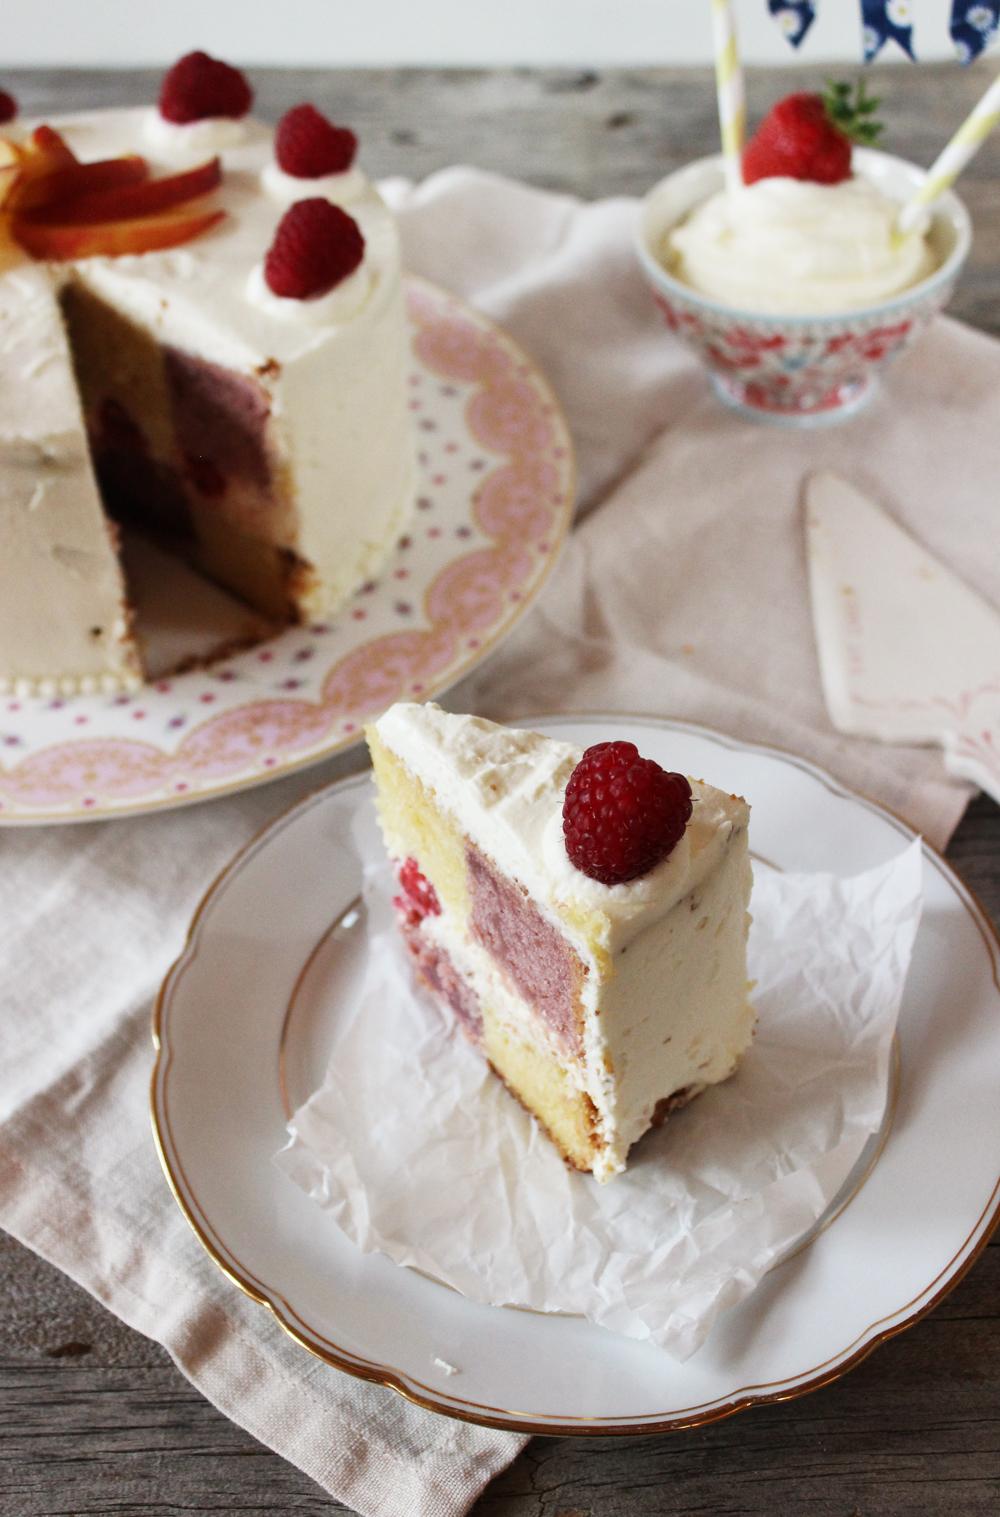 Rezept für einen Pfirsich Himbeer Battenberg Kuchen.jpg